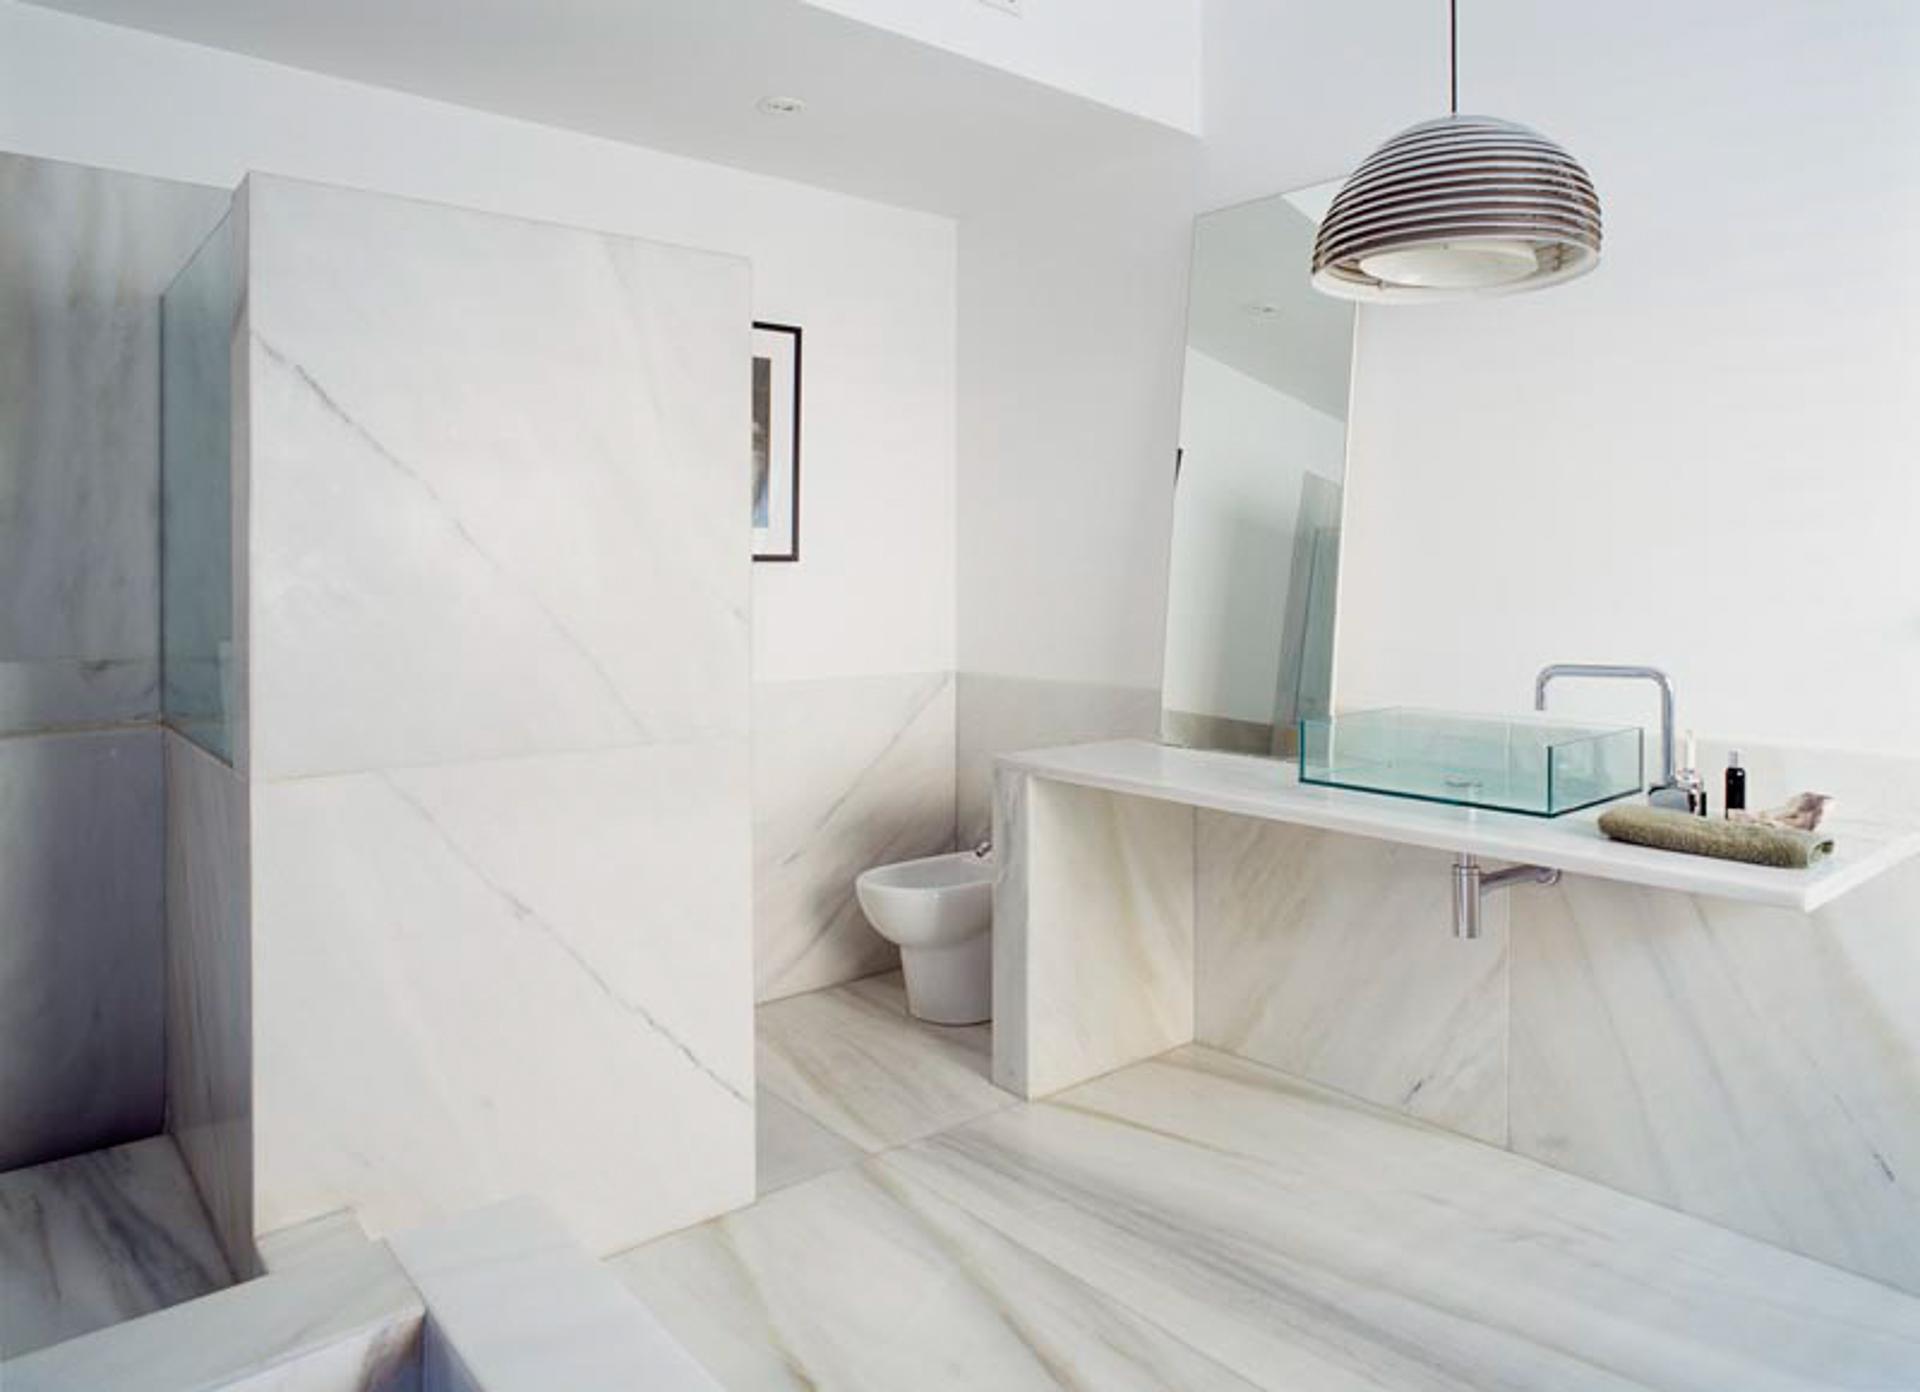 GranVia_Maroto_Ibañez_arquitectos07